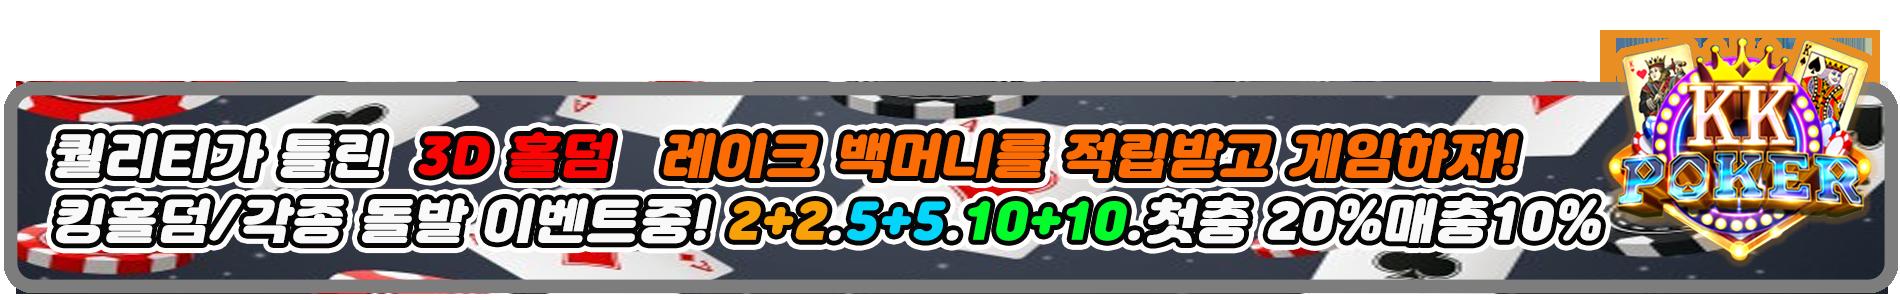 ☑️ 퀄리티가 틀린 (3D)킹홀덤/각종 돌발 이벤트중! 2+2.5+5.10+10.첫충 20%매충10% 홀덤 ☑️